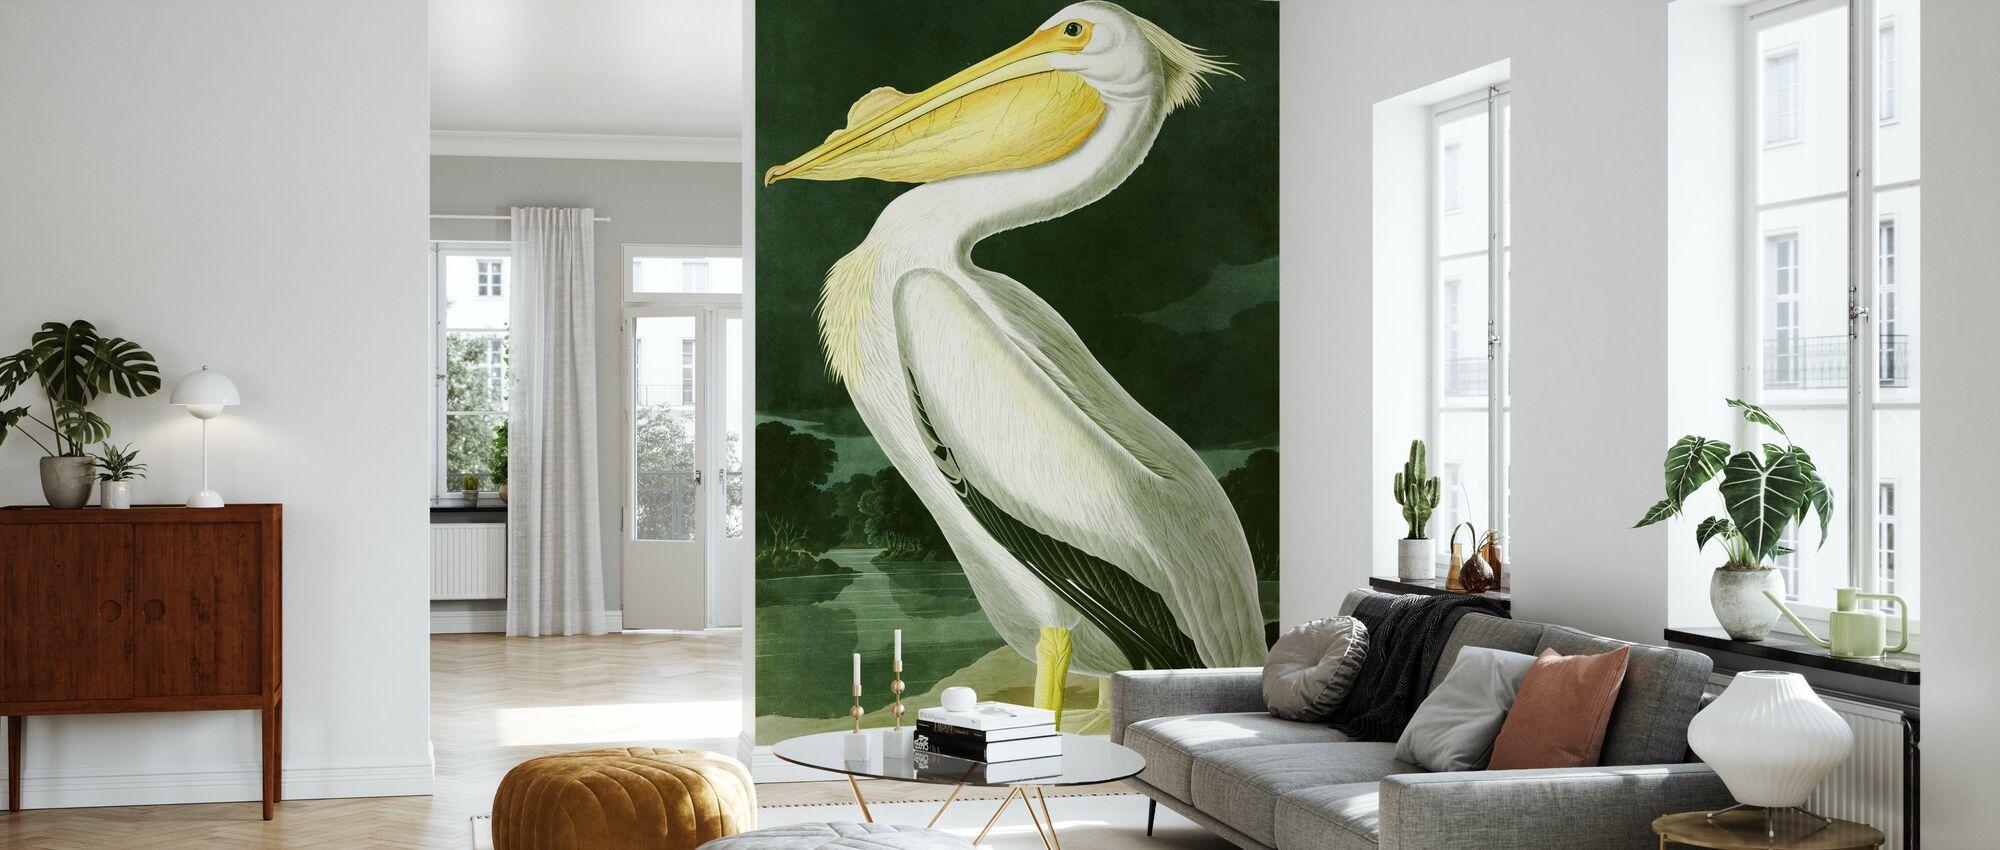 White Pelican - John James Audubon - Wallpaper - Living Room